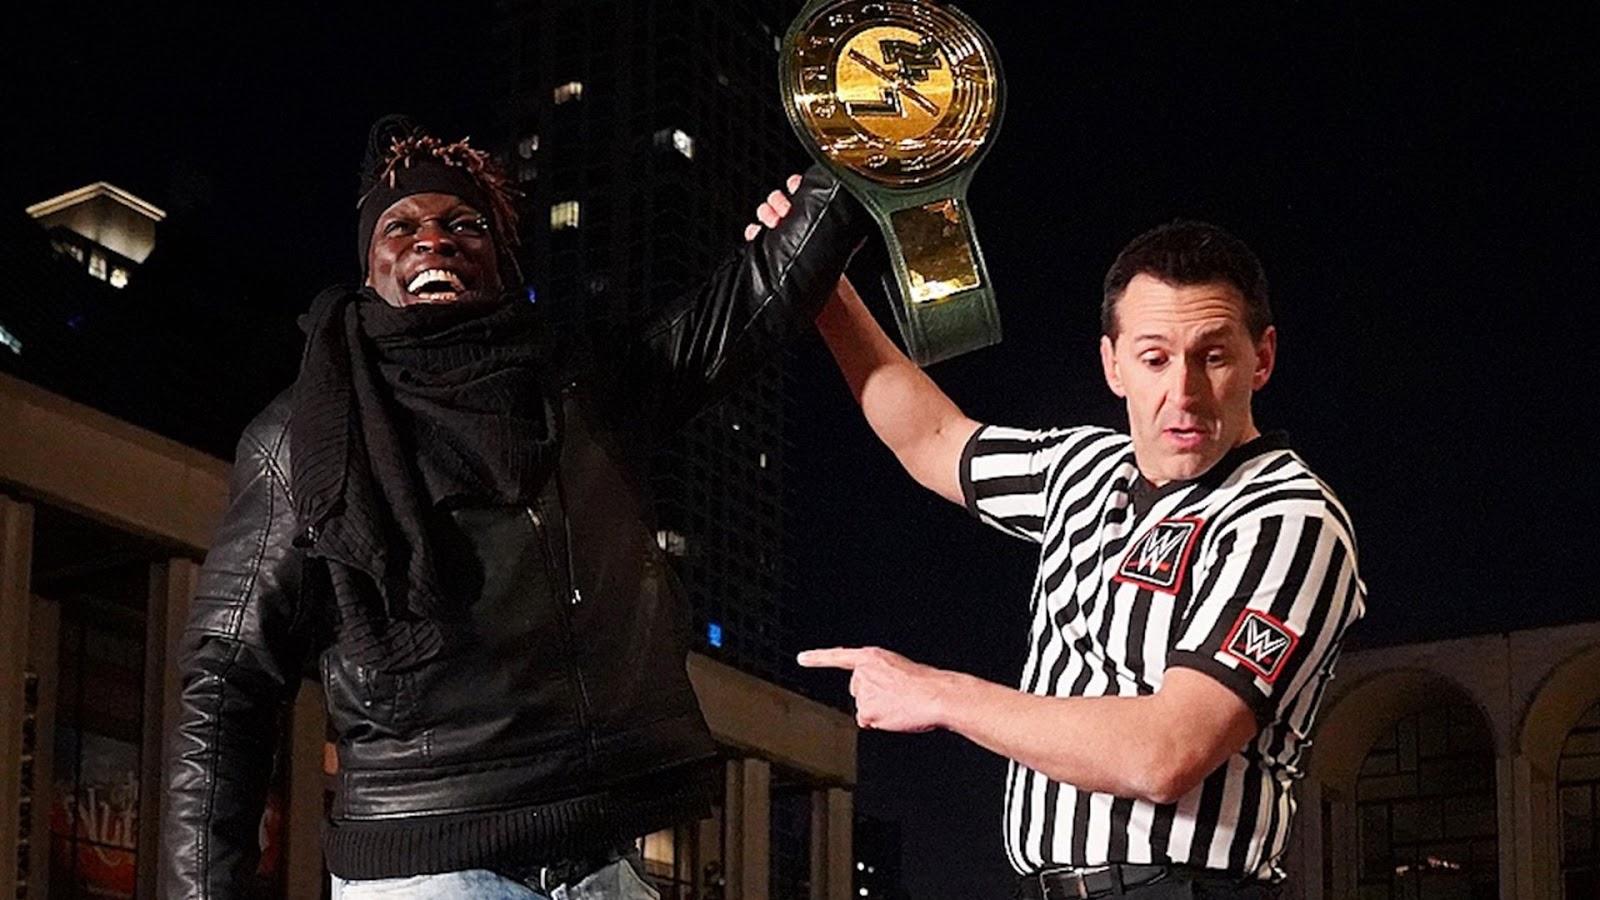 Drew Gulak zomba do reinado de R-Truth com o WWE 24/7 Championship